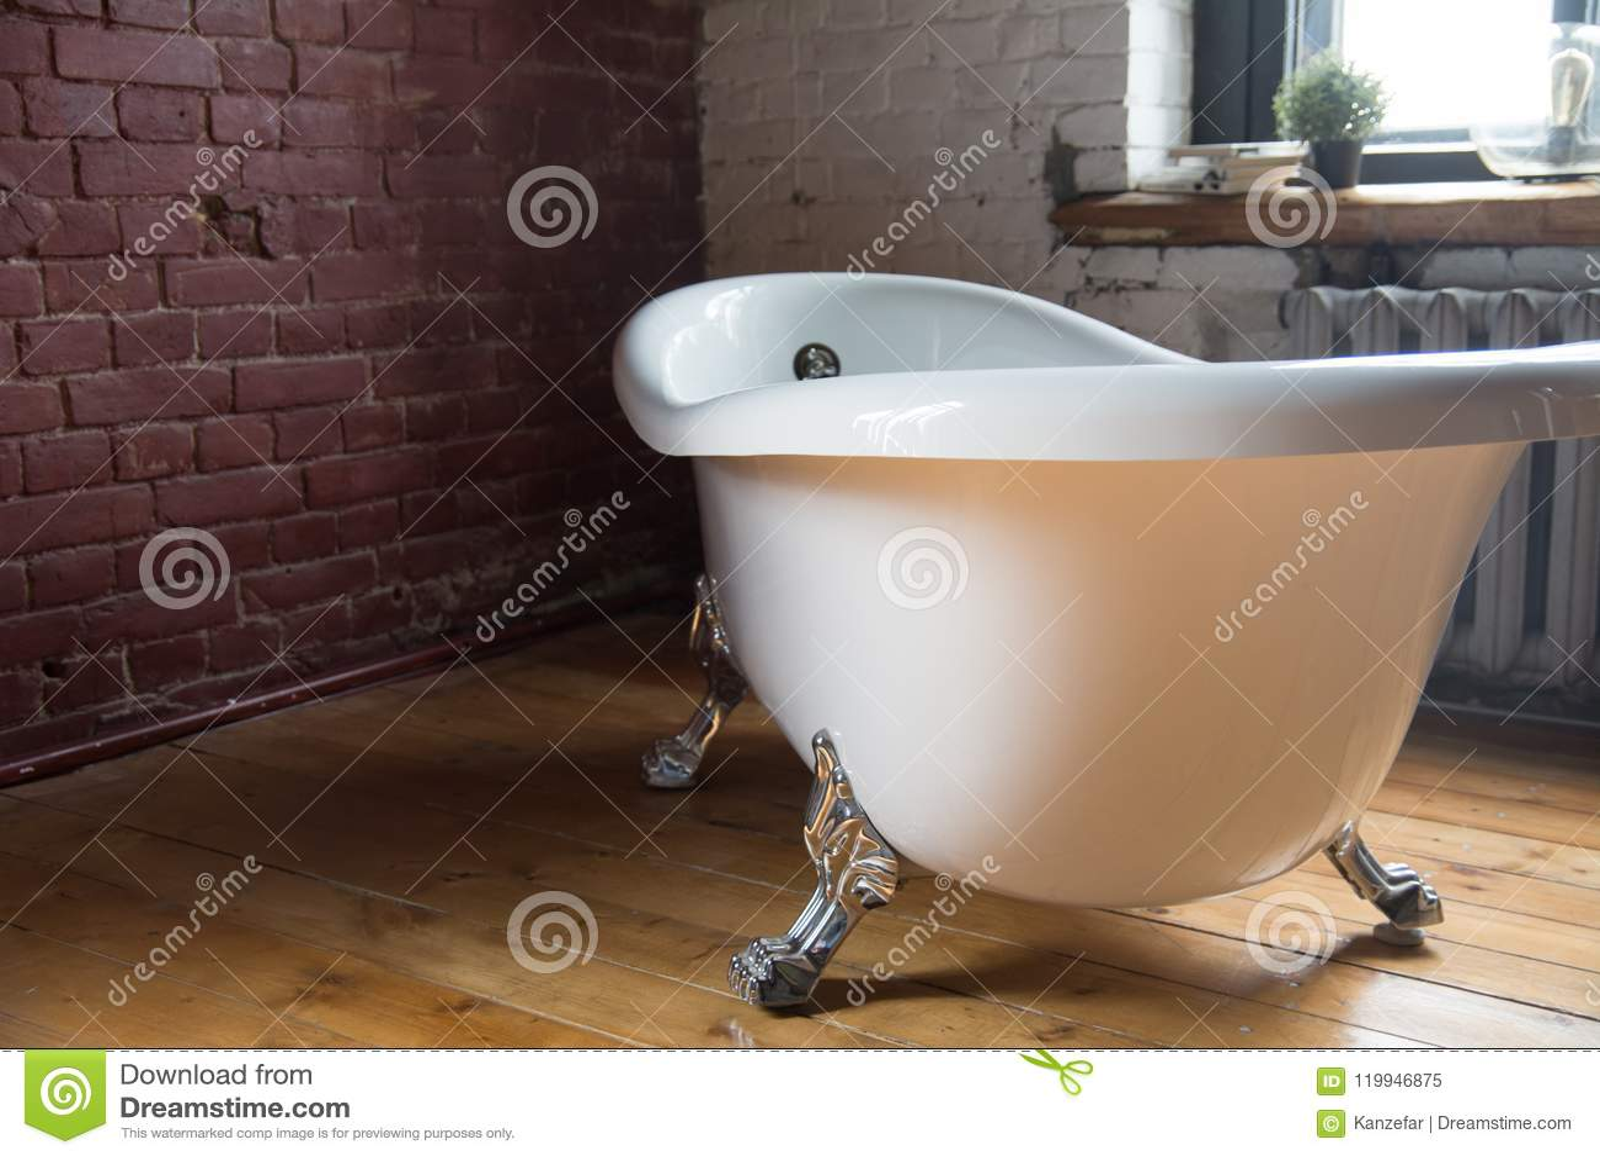 Mooi uitstekend bad op een houten vloer tegen een bakstenen muur